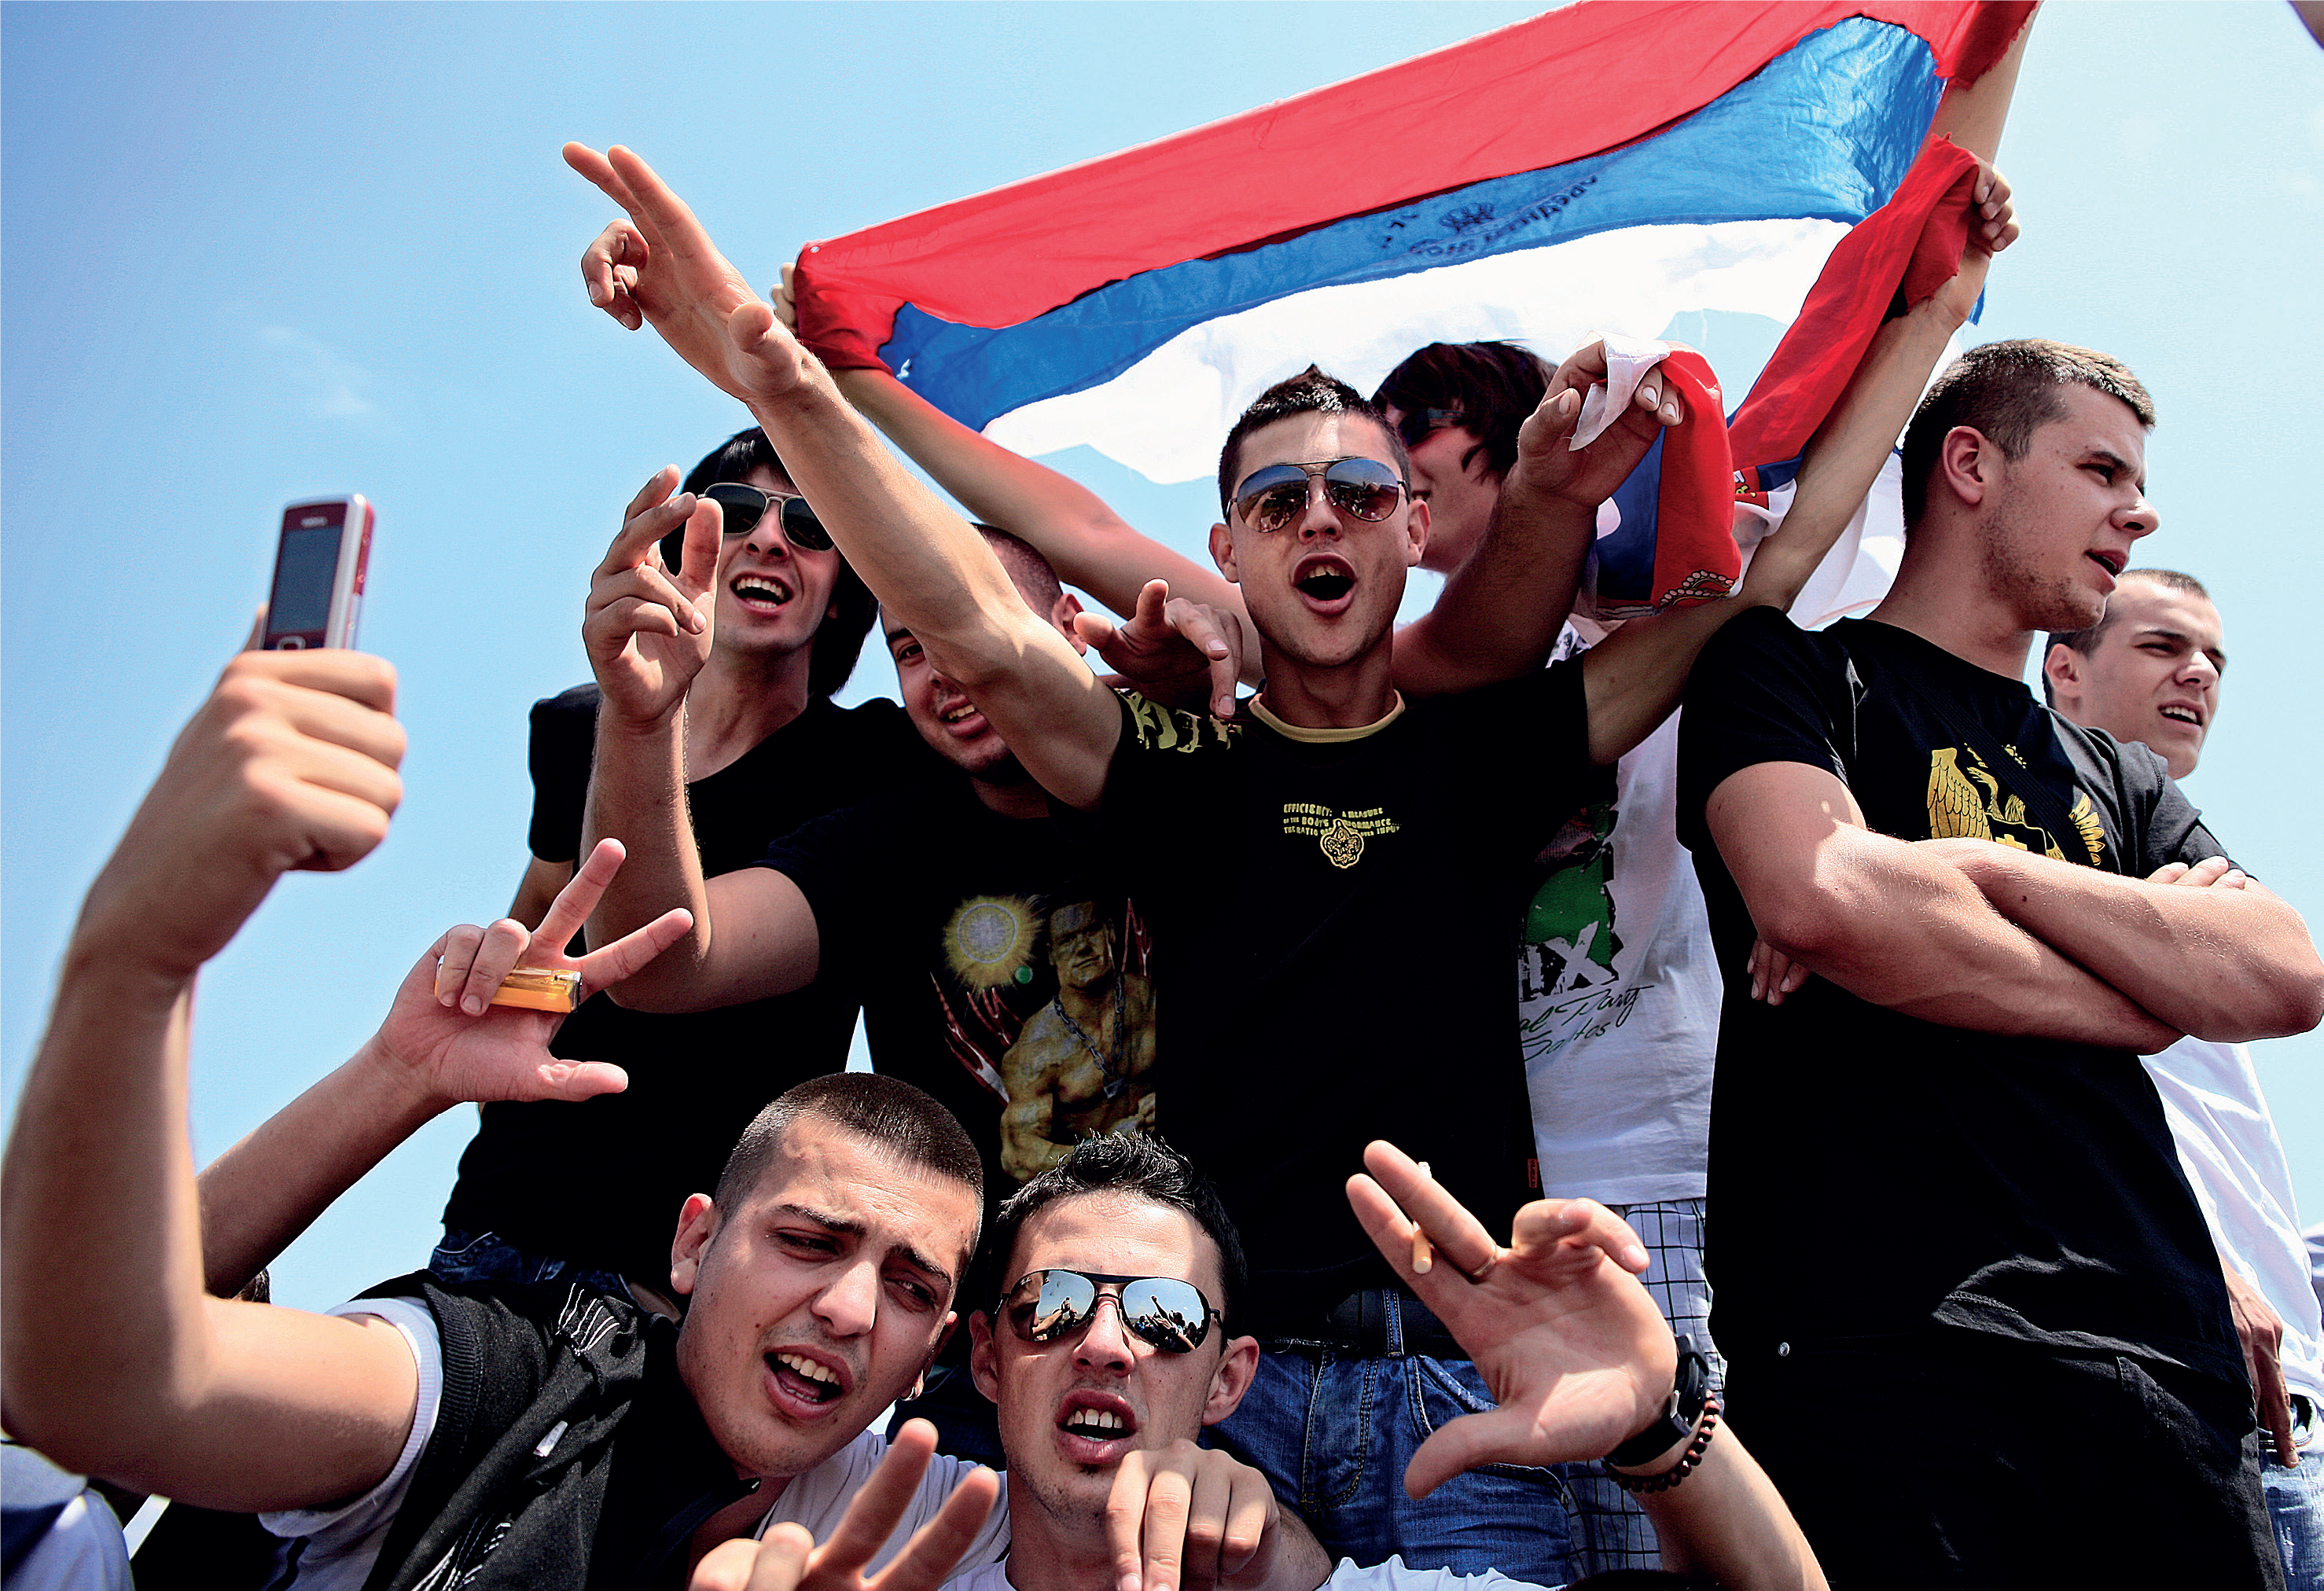 Kosovo Poljen vuosipäivänä juhlijoiden sormet taipuvat sodan aikana tutuksi tulleeseen Serbian voitonmerkkiin.